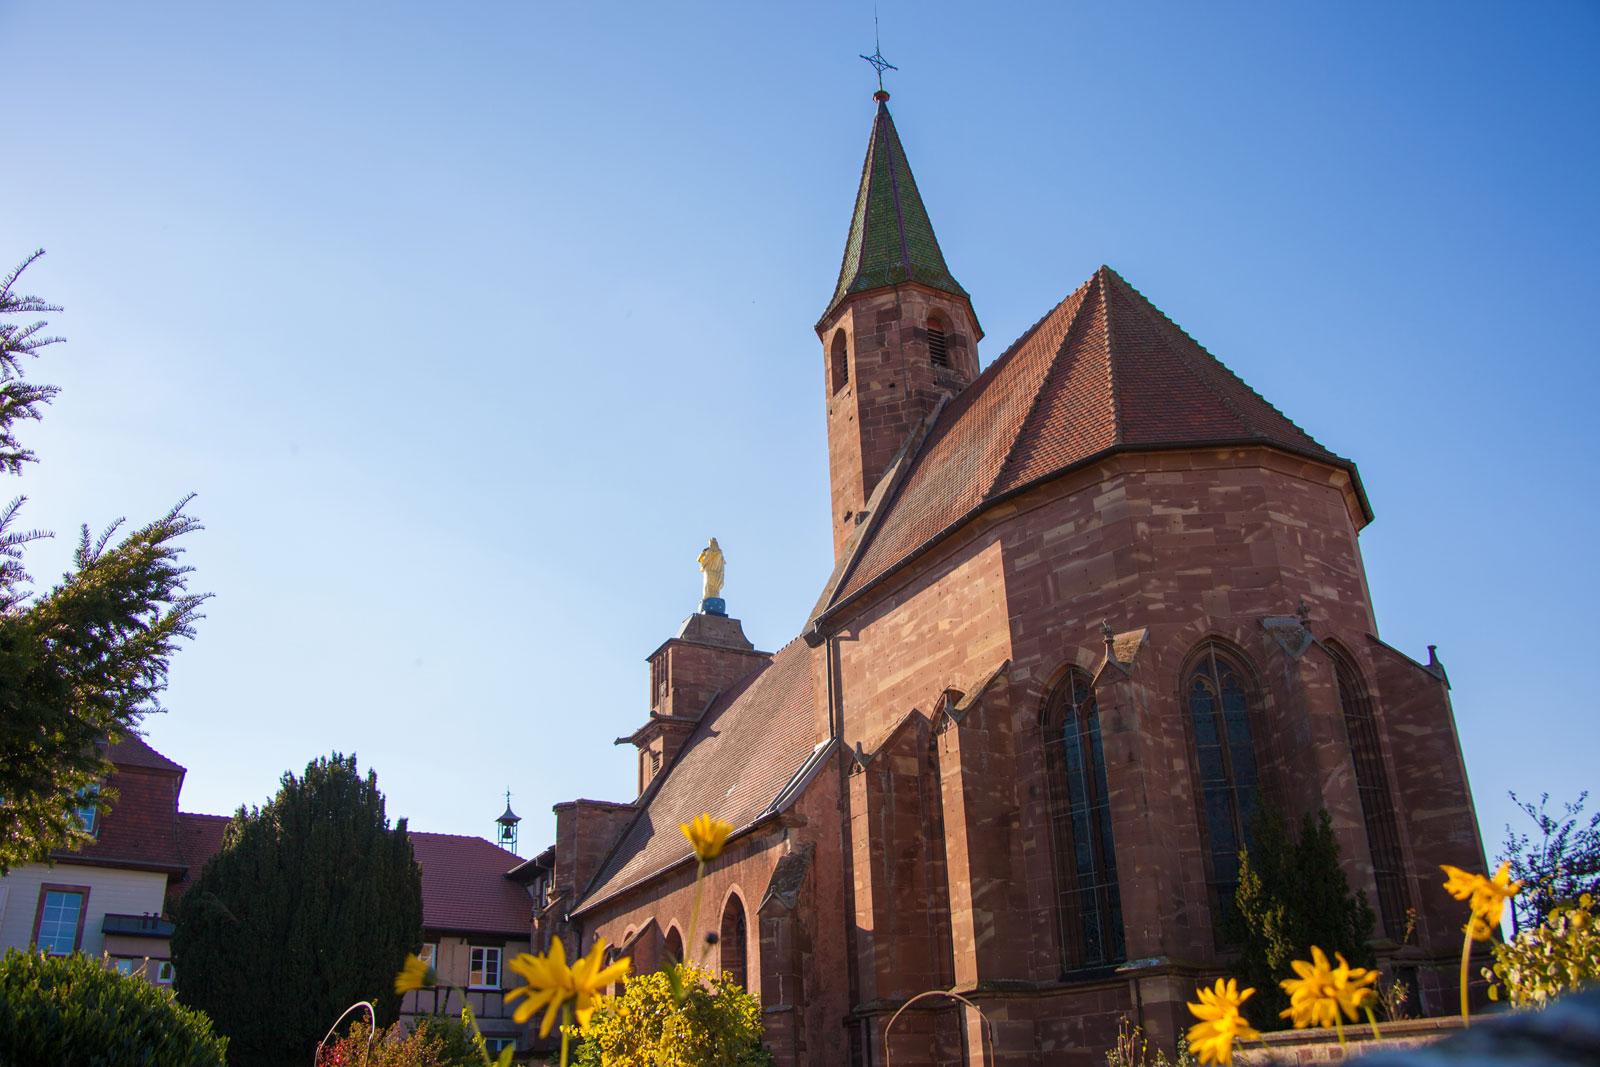 Chapelle Notre Dame de Reinacker